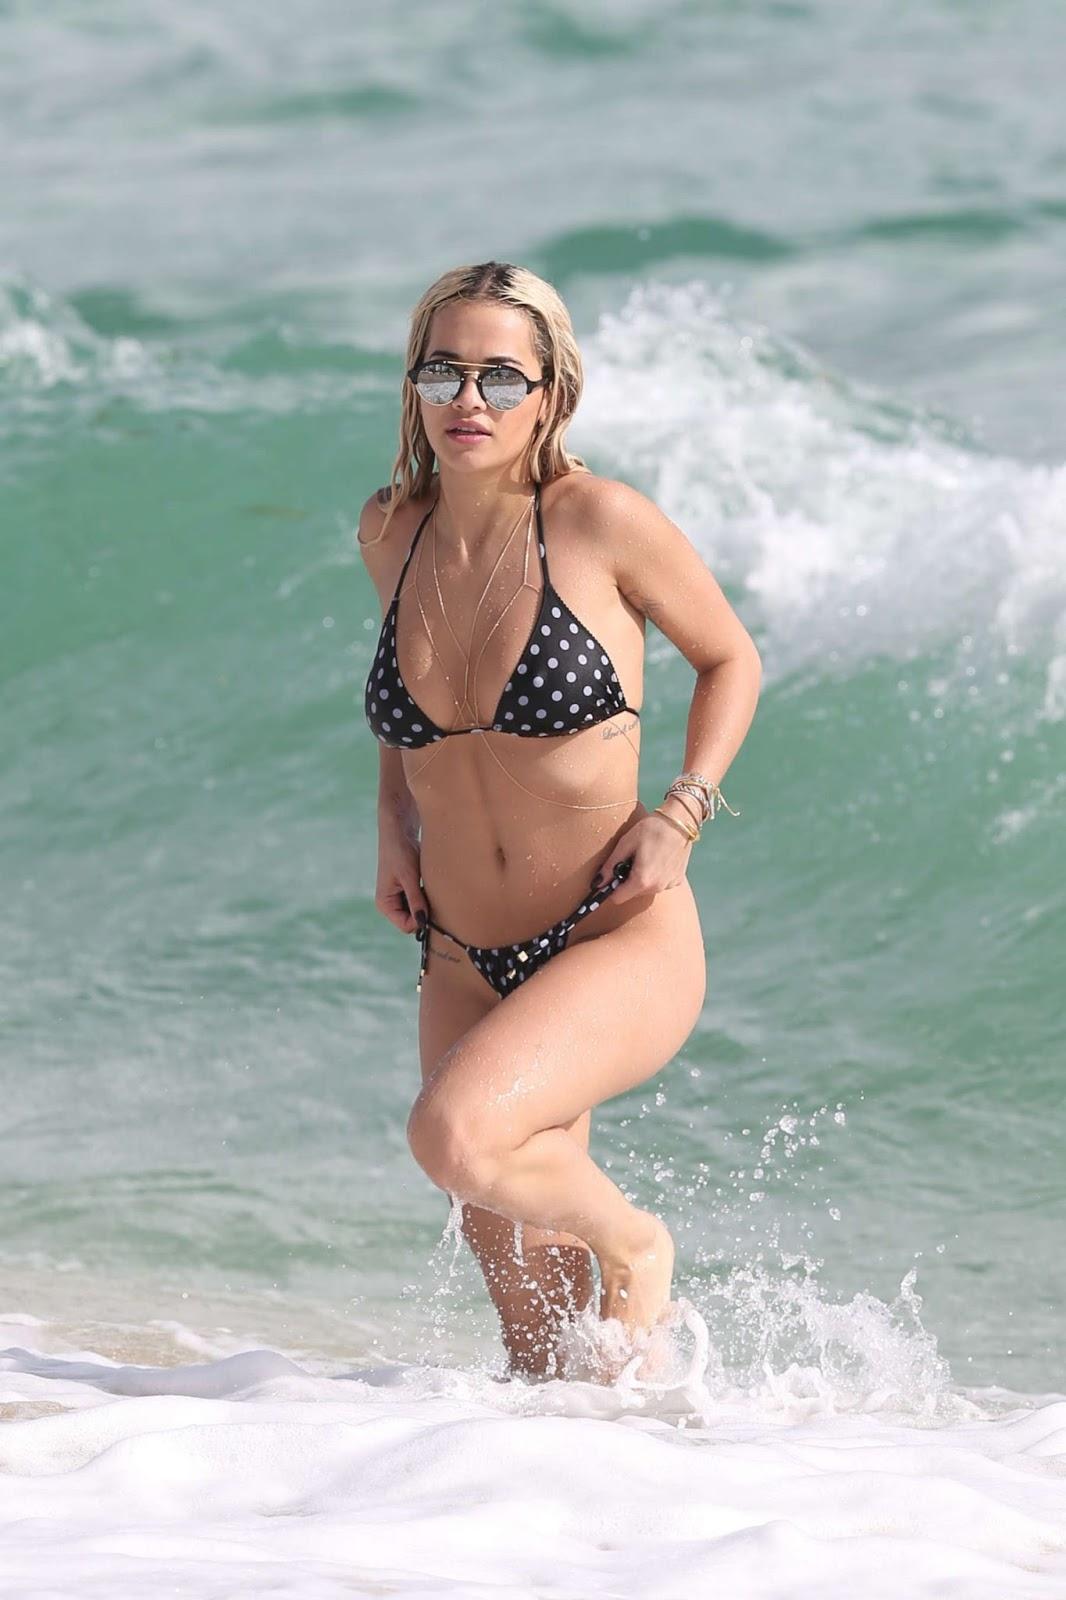 Rita Ora in Bikini in Miami - Photo Rita Ora 2016